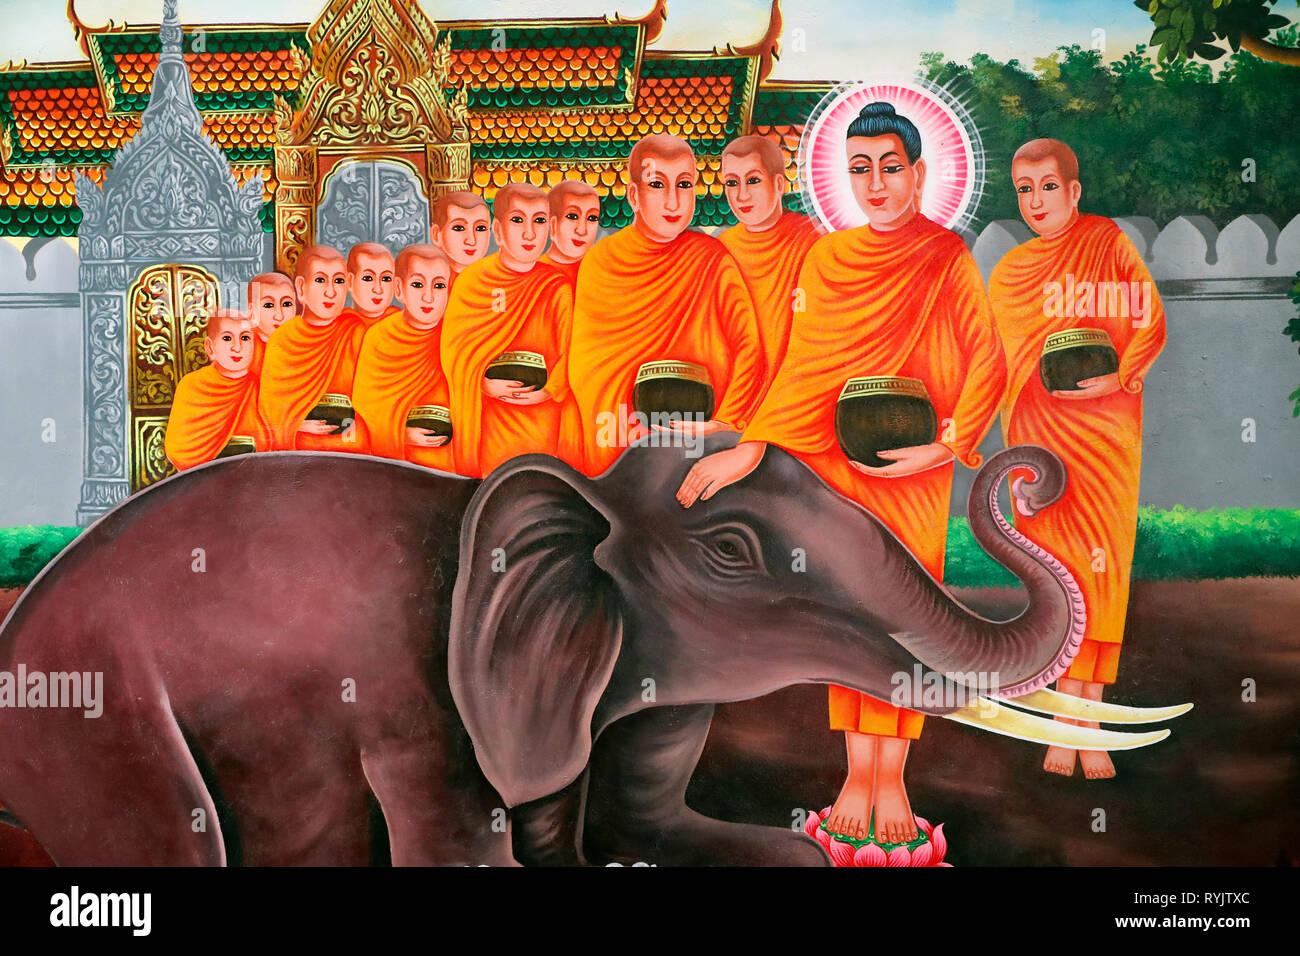 La vita del Buddha, Siddharta Gautama. Addomesticare un elefante con amorevole gentilezza - Nalagiri era il Royal Elephant Soc Po Lok tempio buddista. Cha Immagini Stock